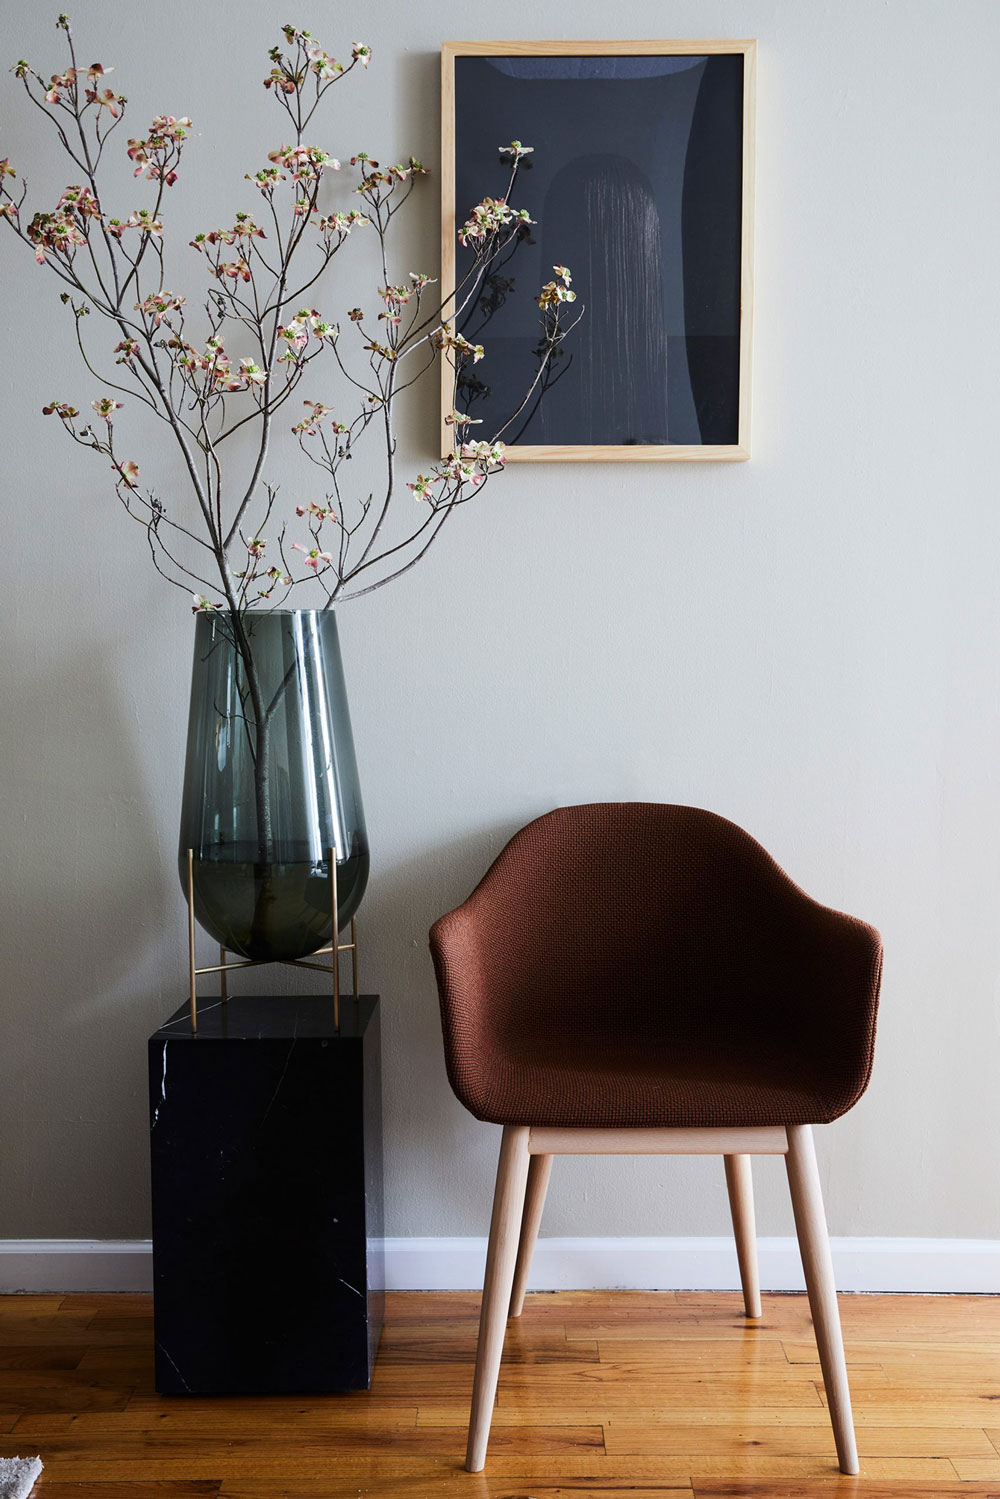 Danish brand menu opens showroom in new york city - New york city interior designers ...